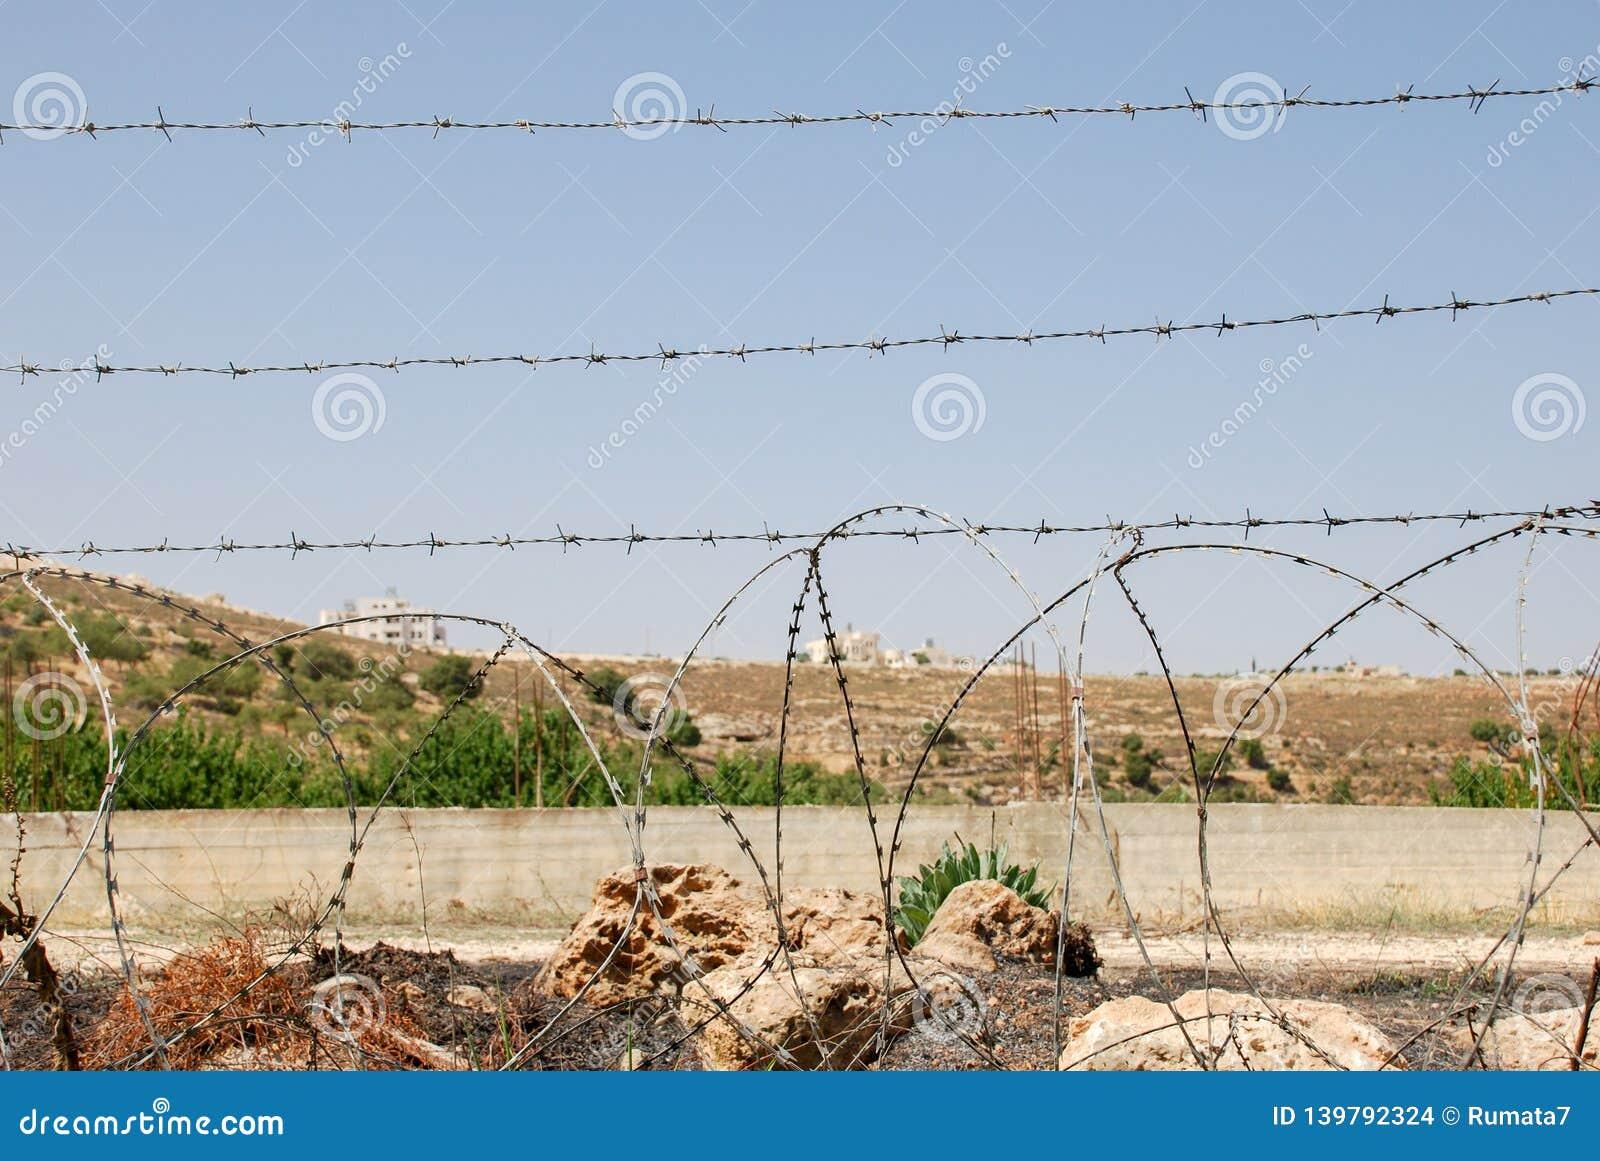 Prikkeldraadomheining bij Israelisch-Palestijnse grens